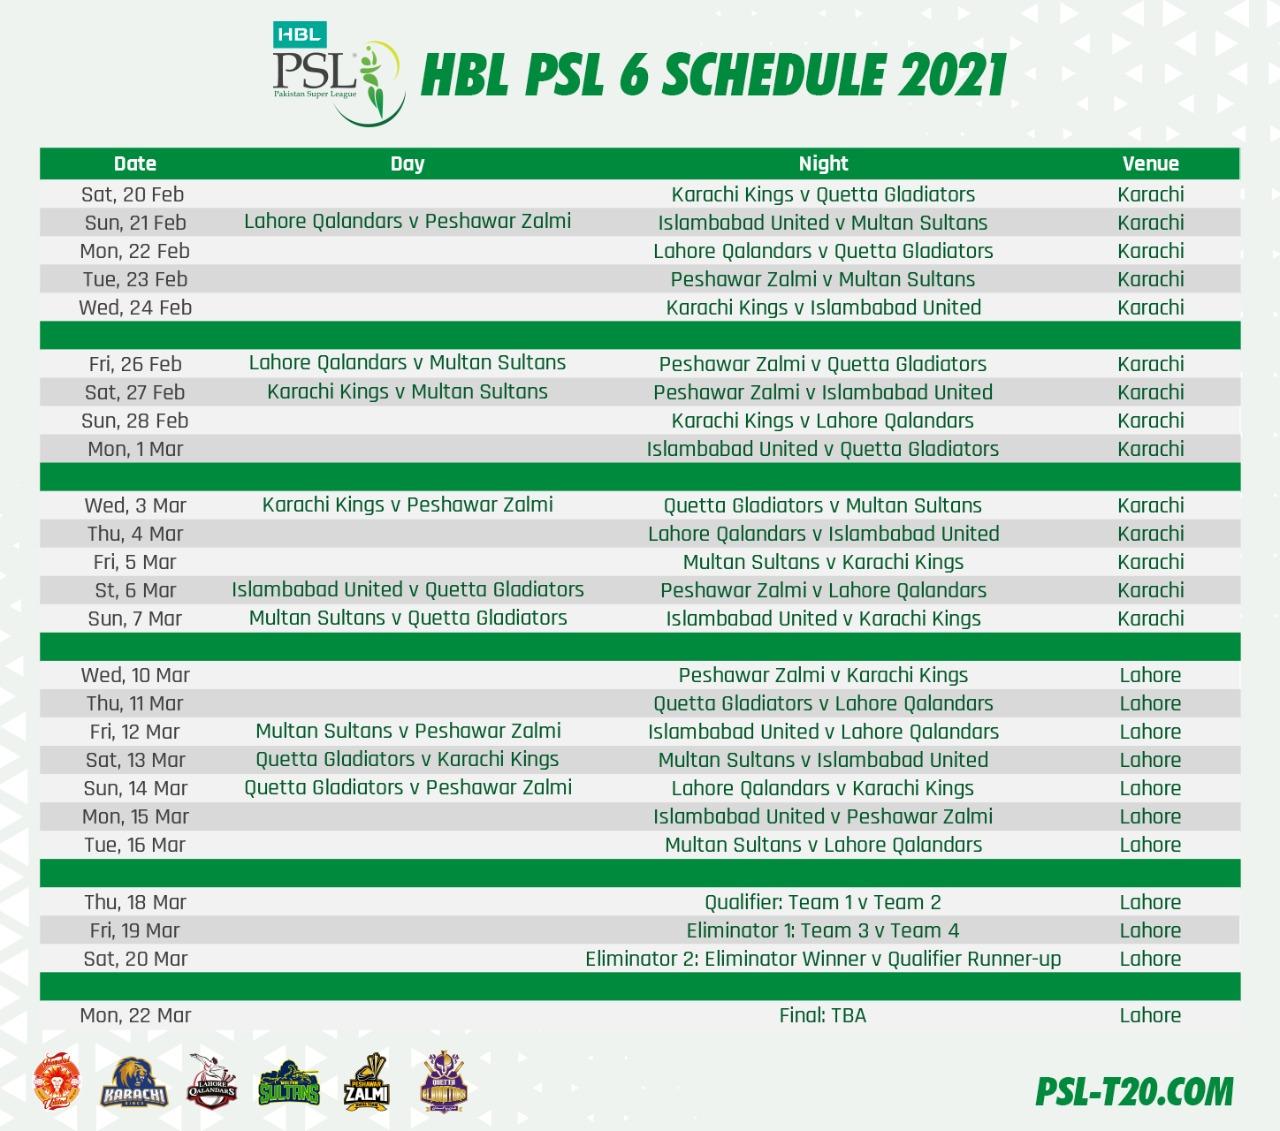 HBL PSL6 2021 schedule